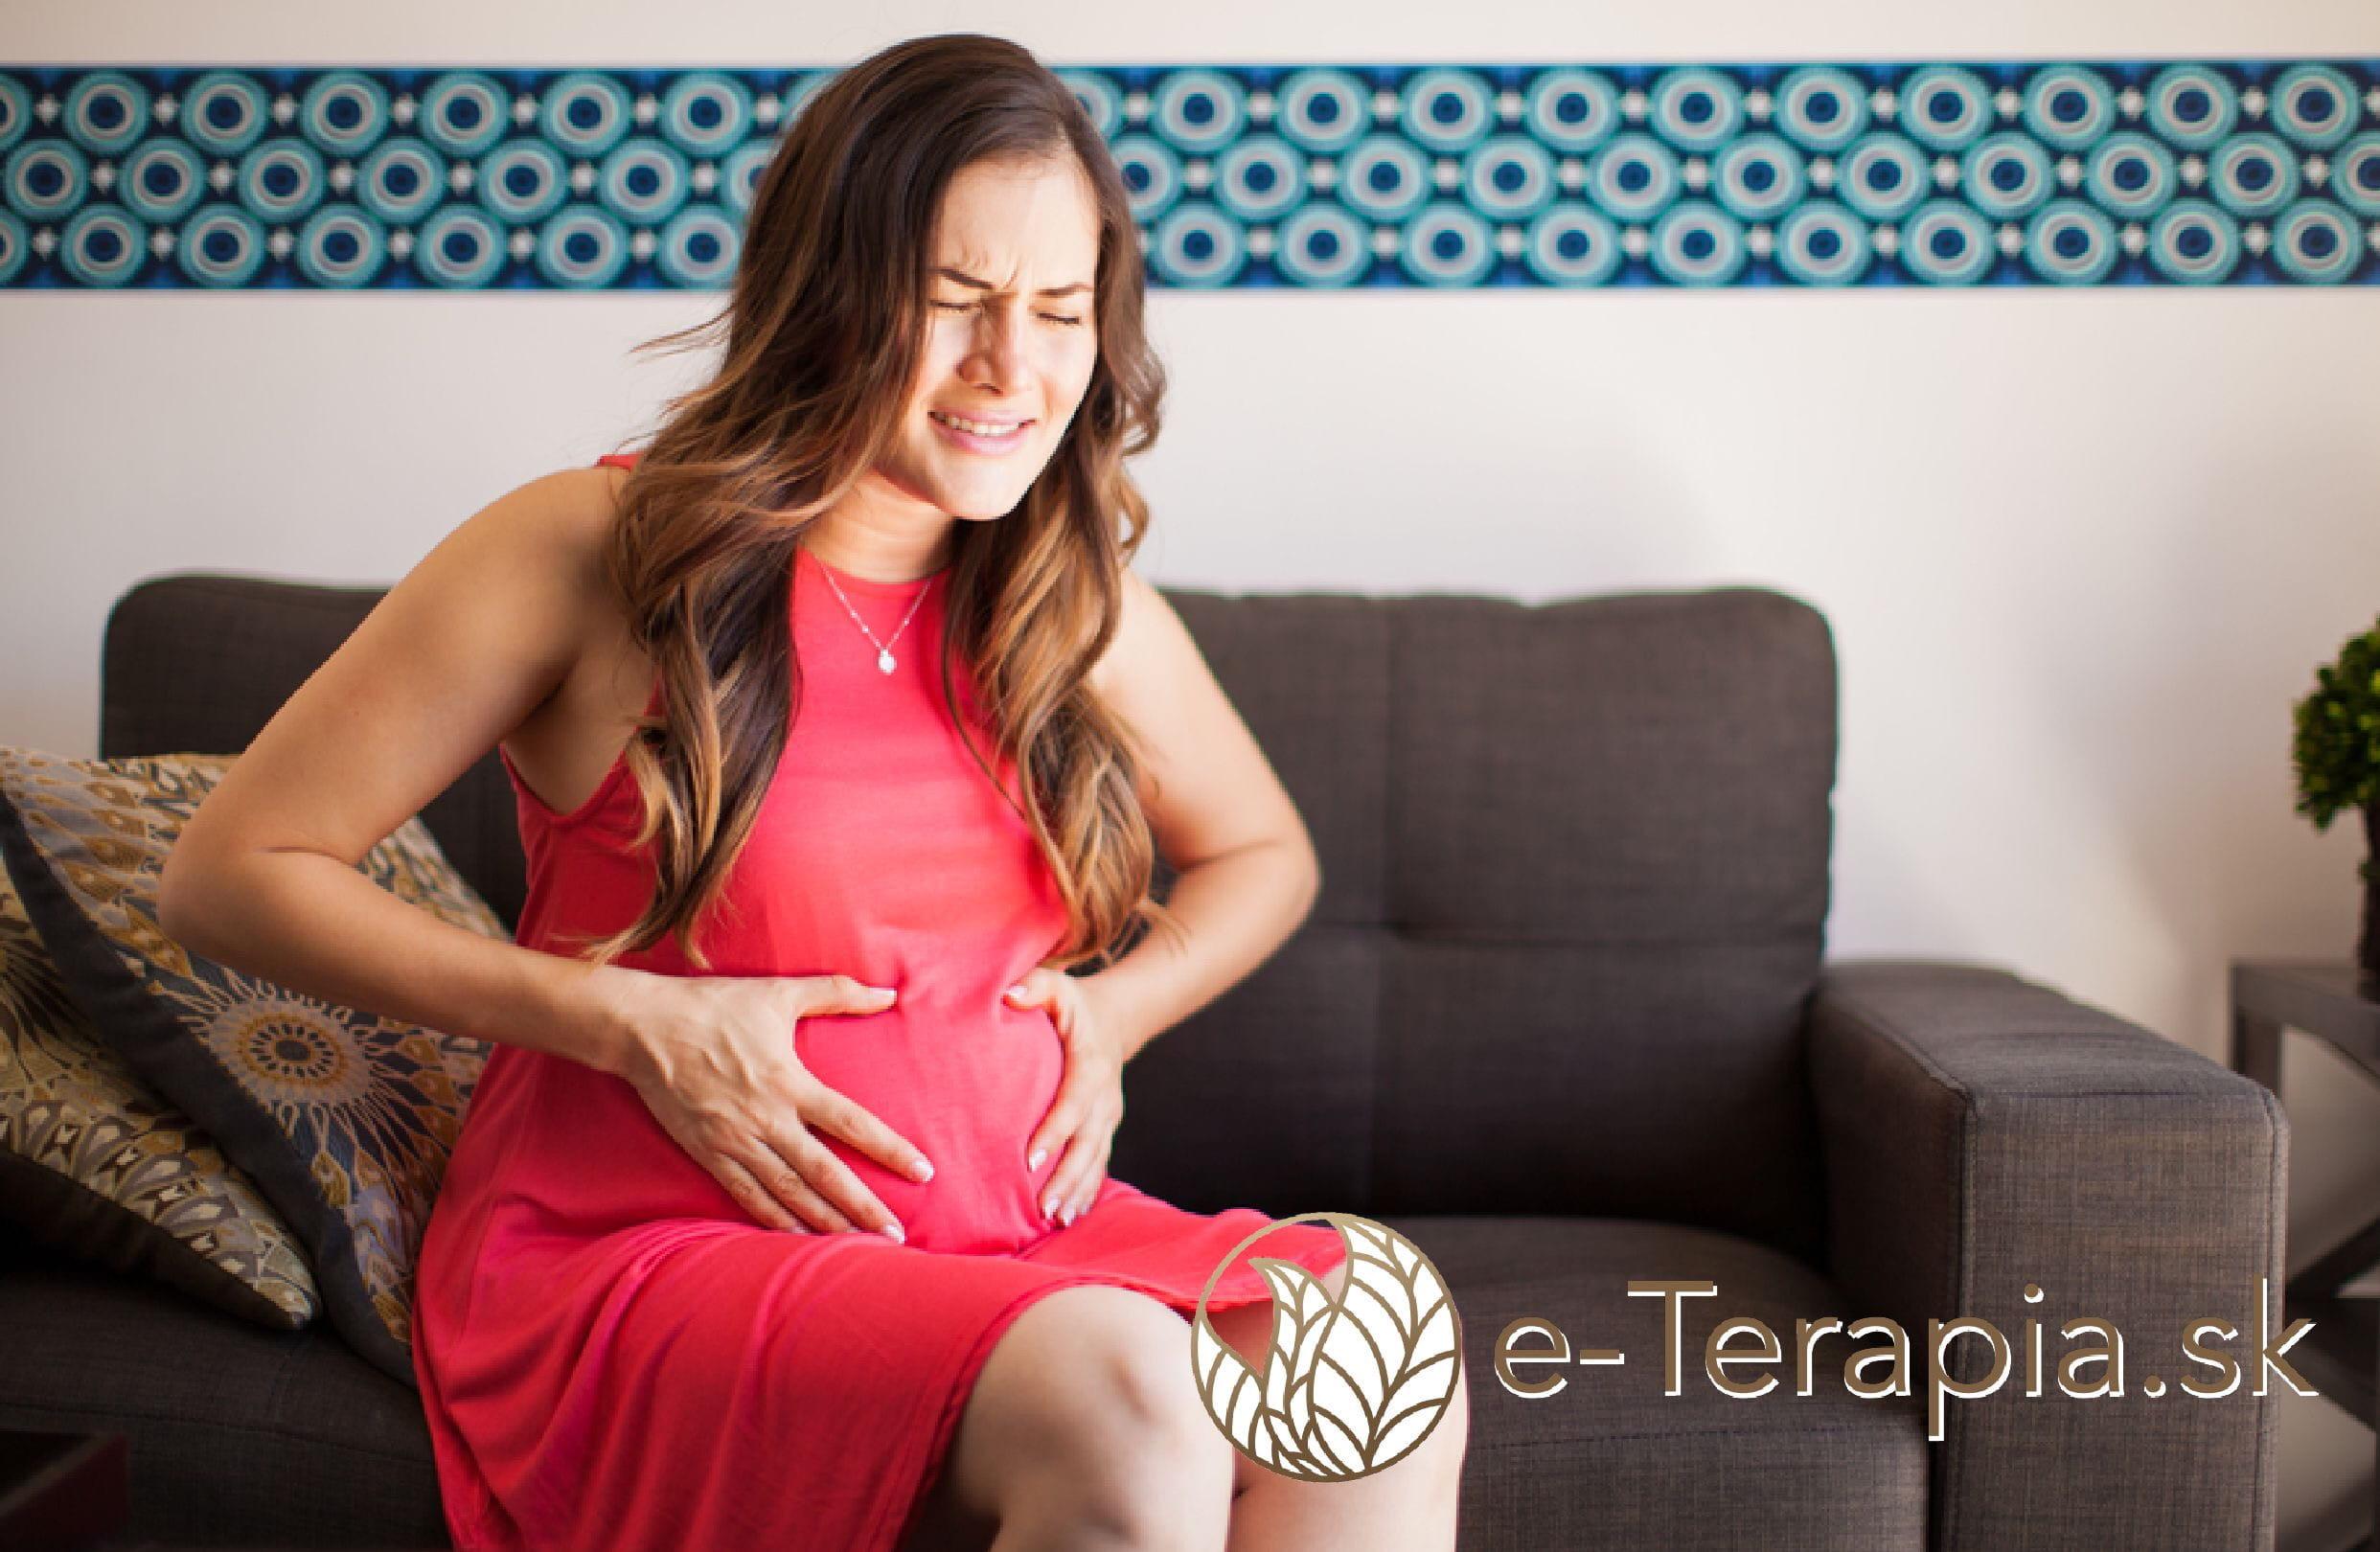 Kontrakcie počas tehotenstva